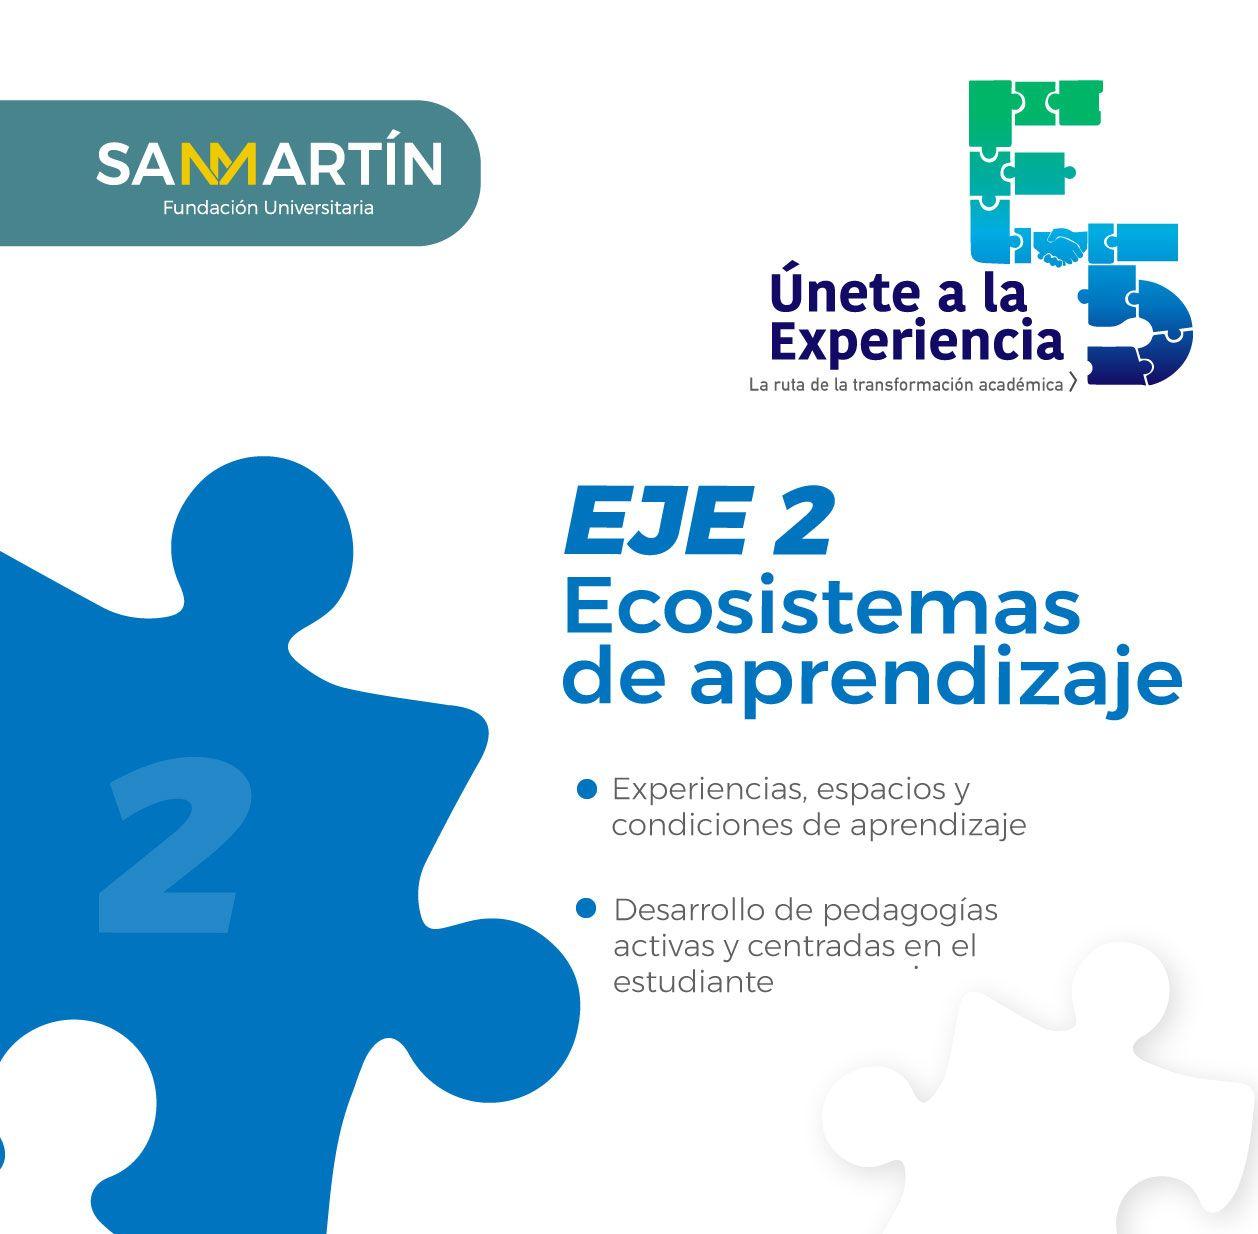 experiencia e5 eje 2